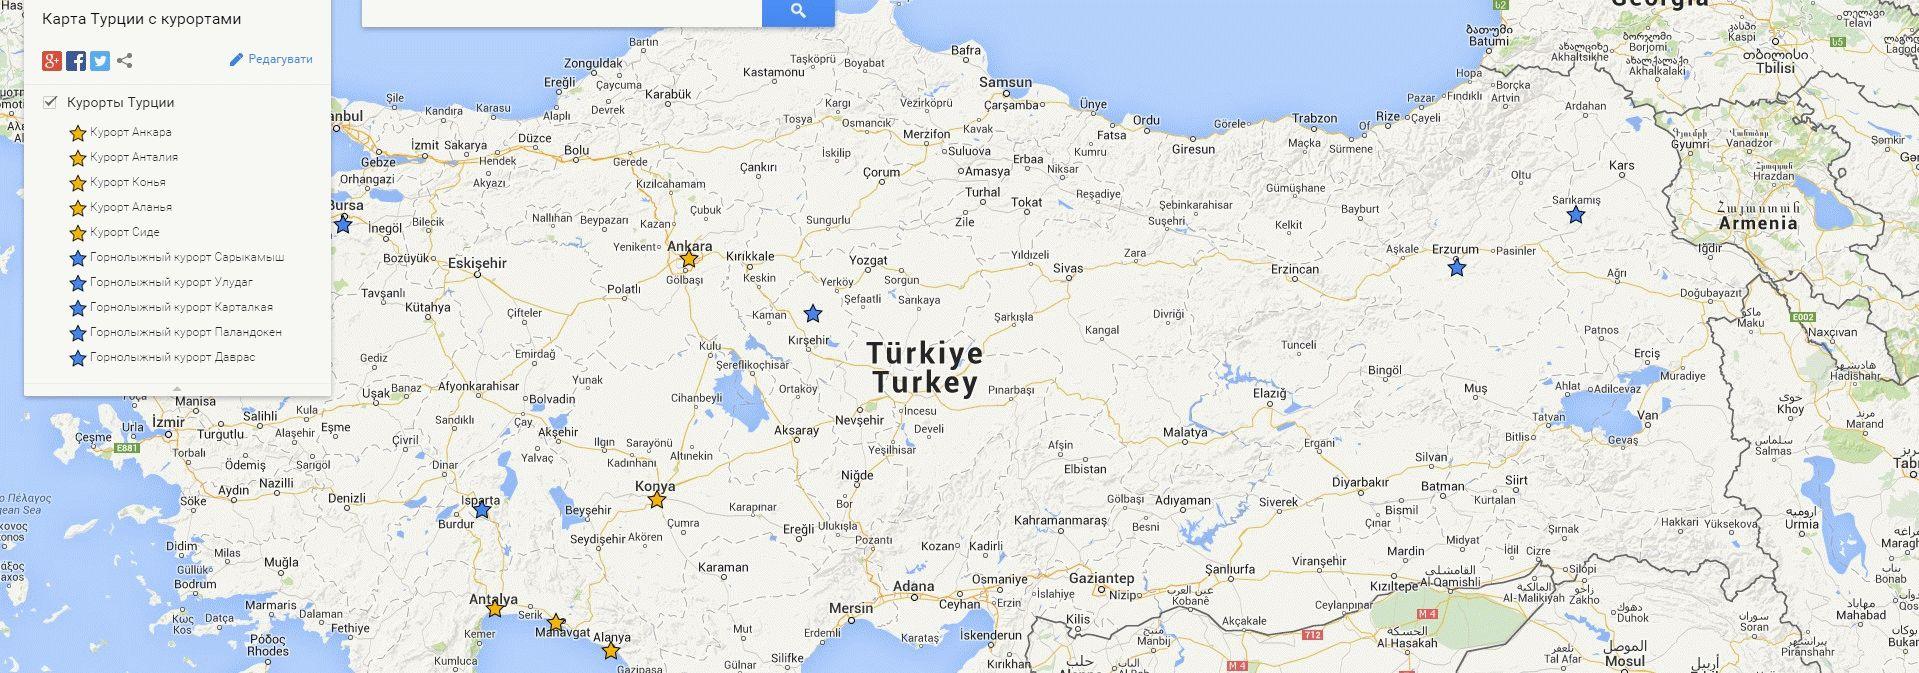 подробная Карта Турции с курортами